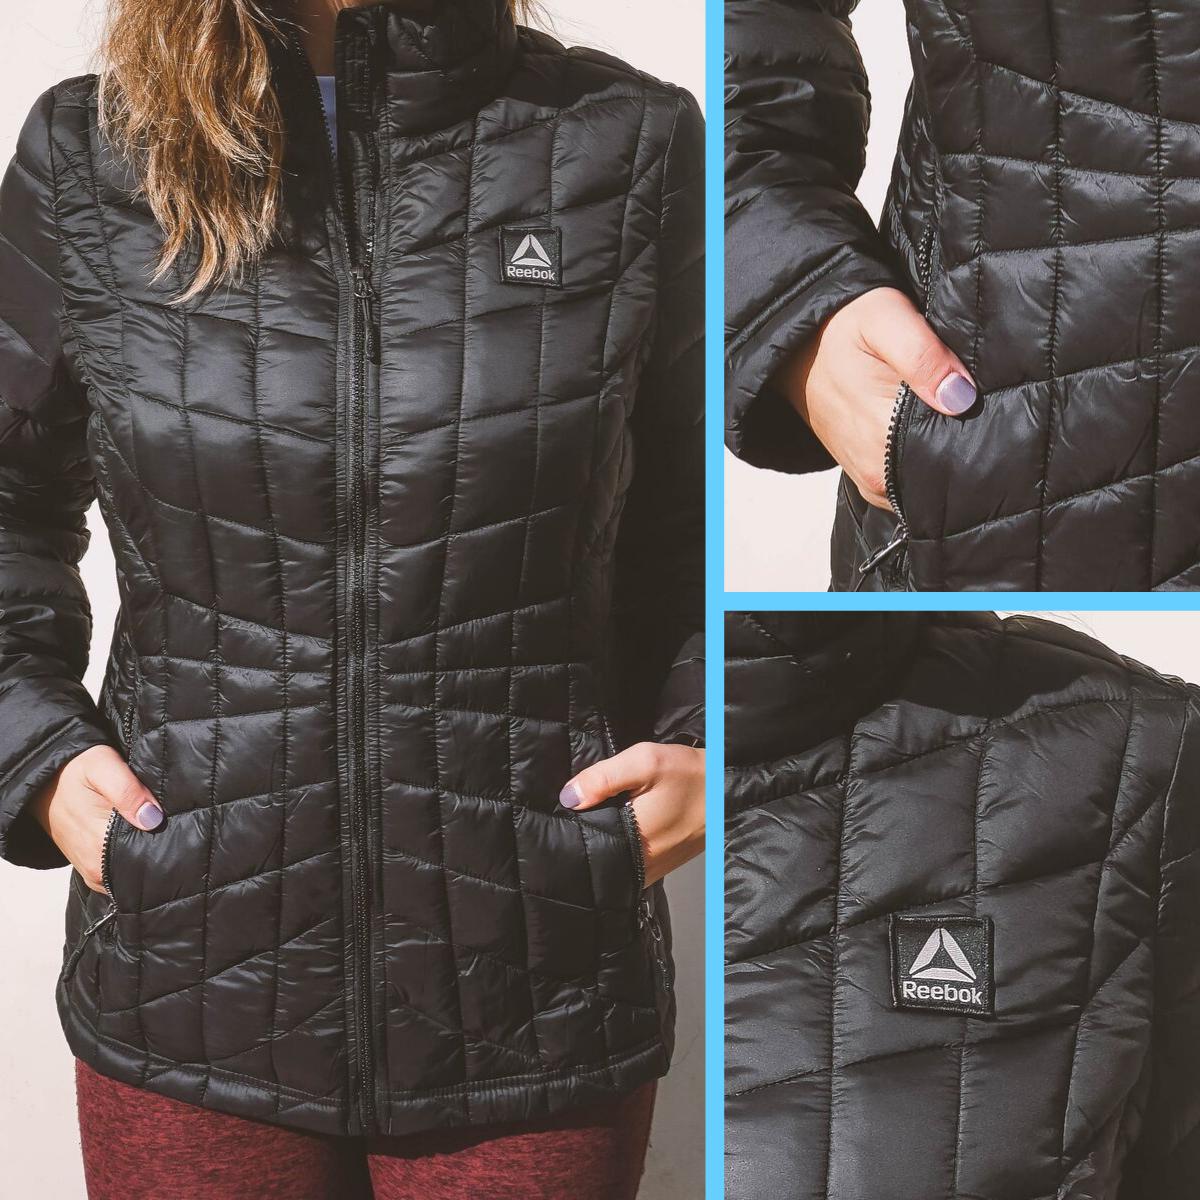 Reebok Women's Packable Glacier Shield Jacket